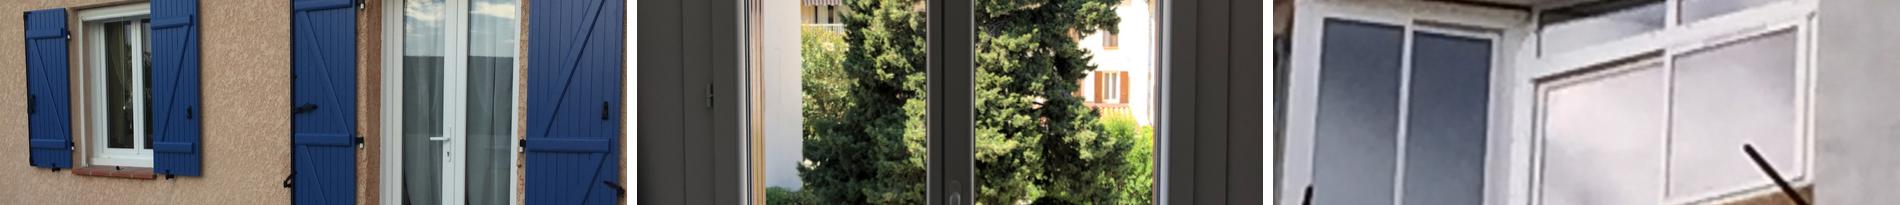 Fenêtres PVC - Portes fenêtres PVC avec Sud Alu - Six Fours - Bandol - Sanary (83)